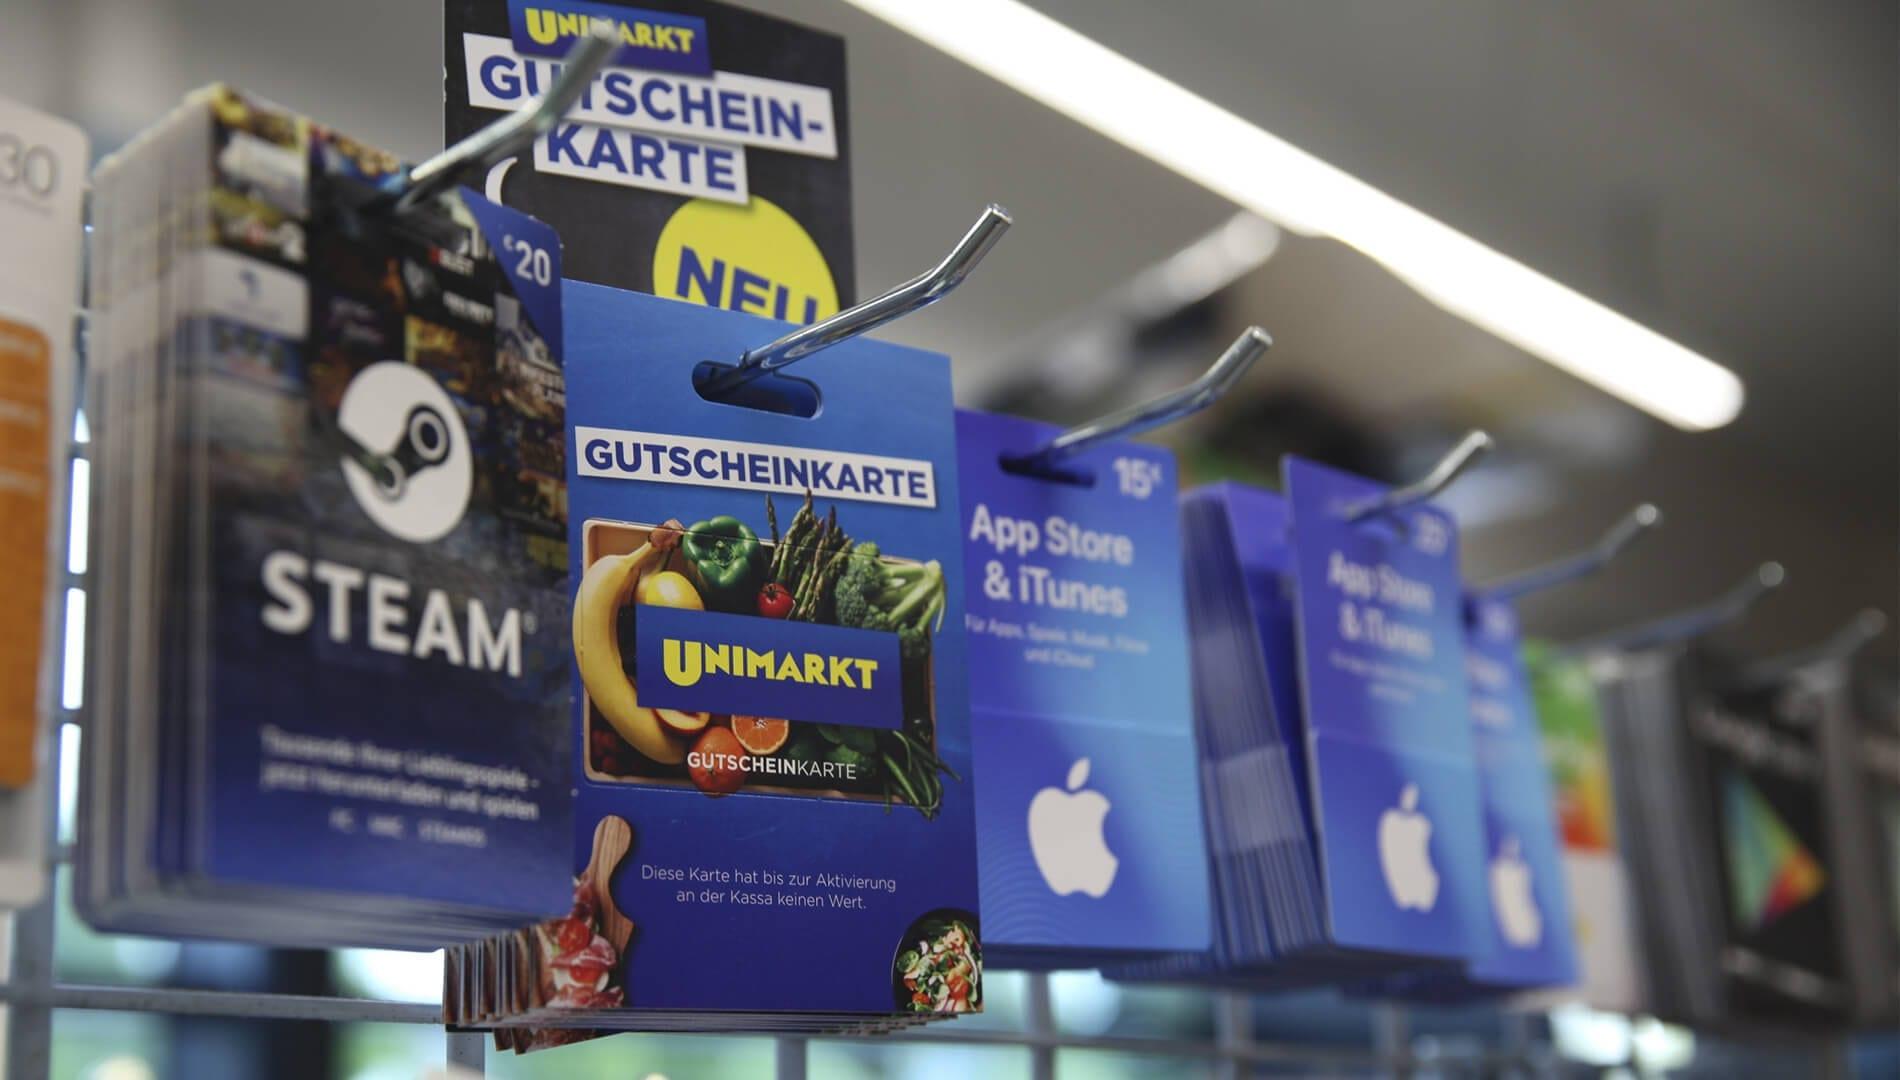 Unimarkt_bild_quer_Gutschein